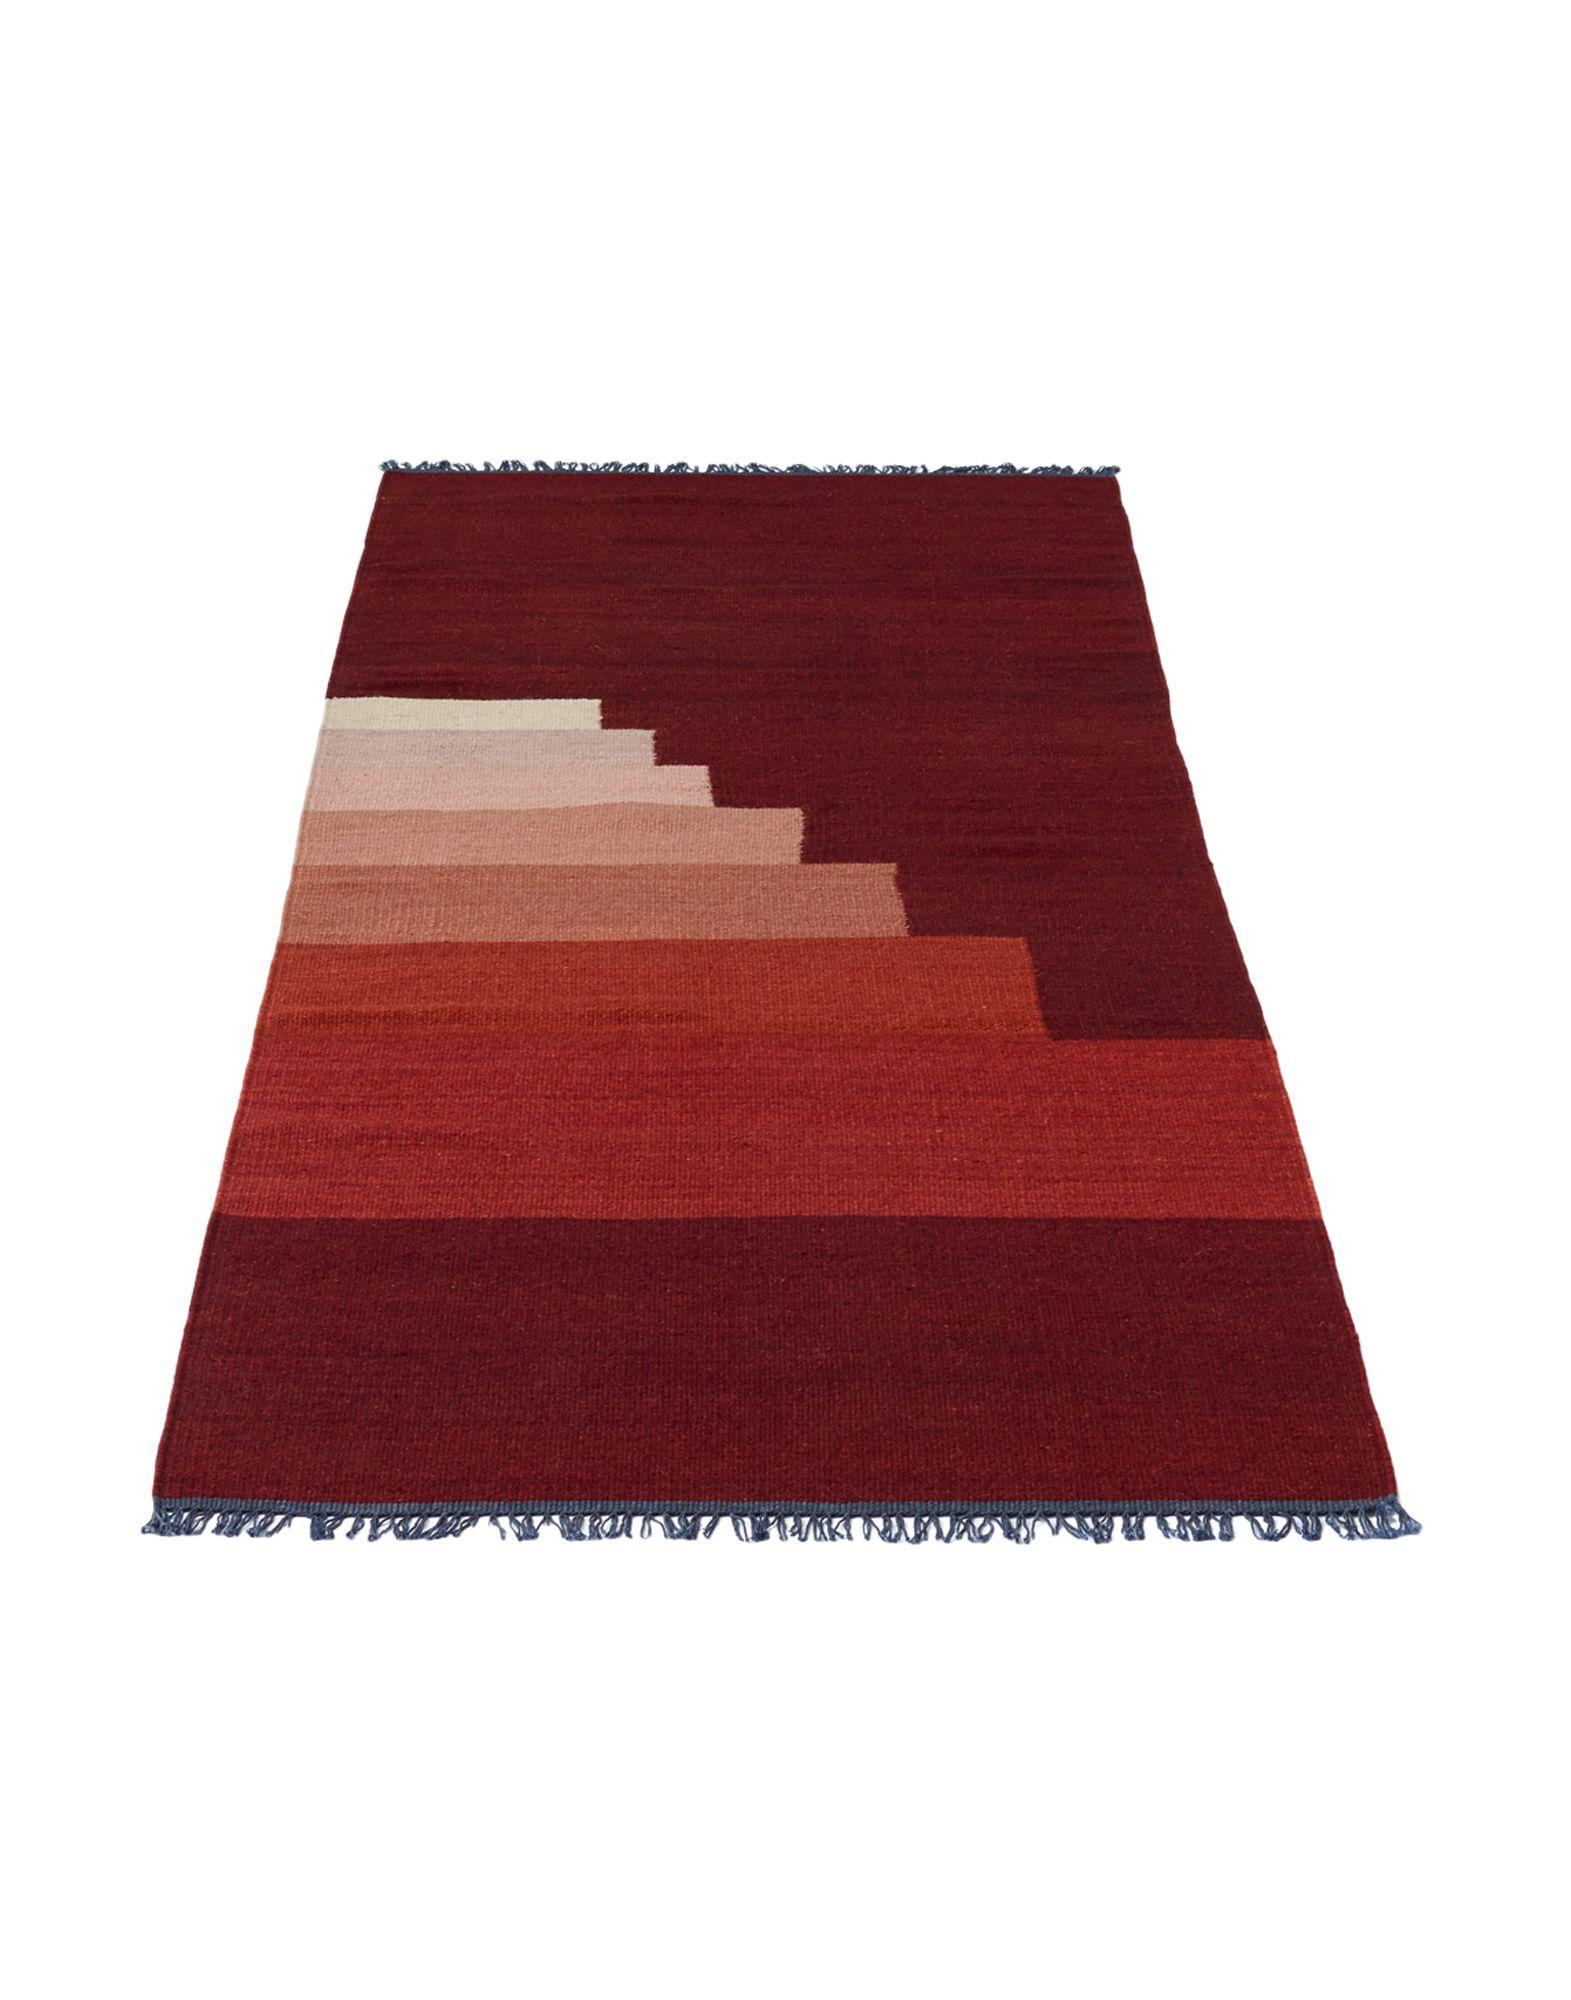 &TRADITION Unisex Teppich Farbe (-) Größe 1